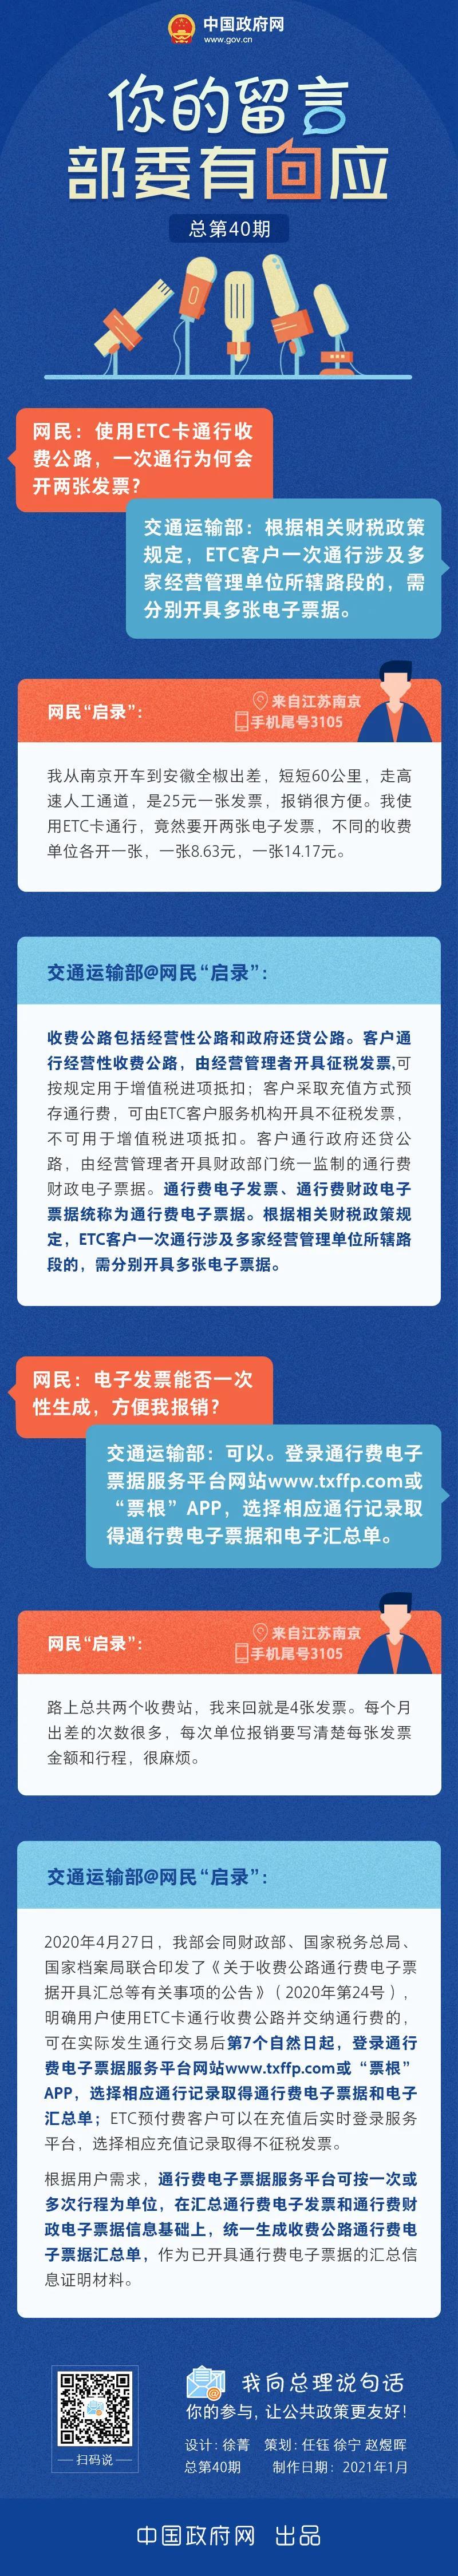 信无双娱乐登录:ETC发票报销麻烦?交通运输部回应了